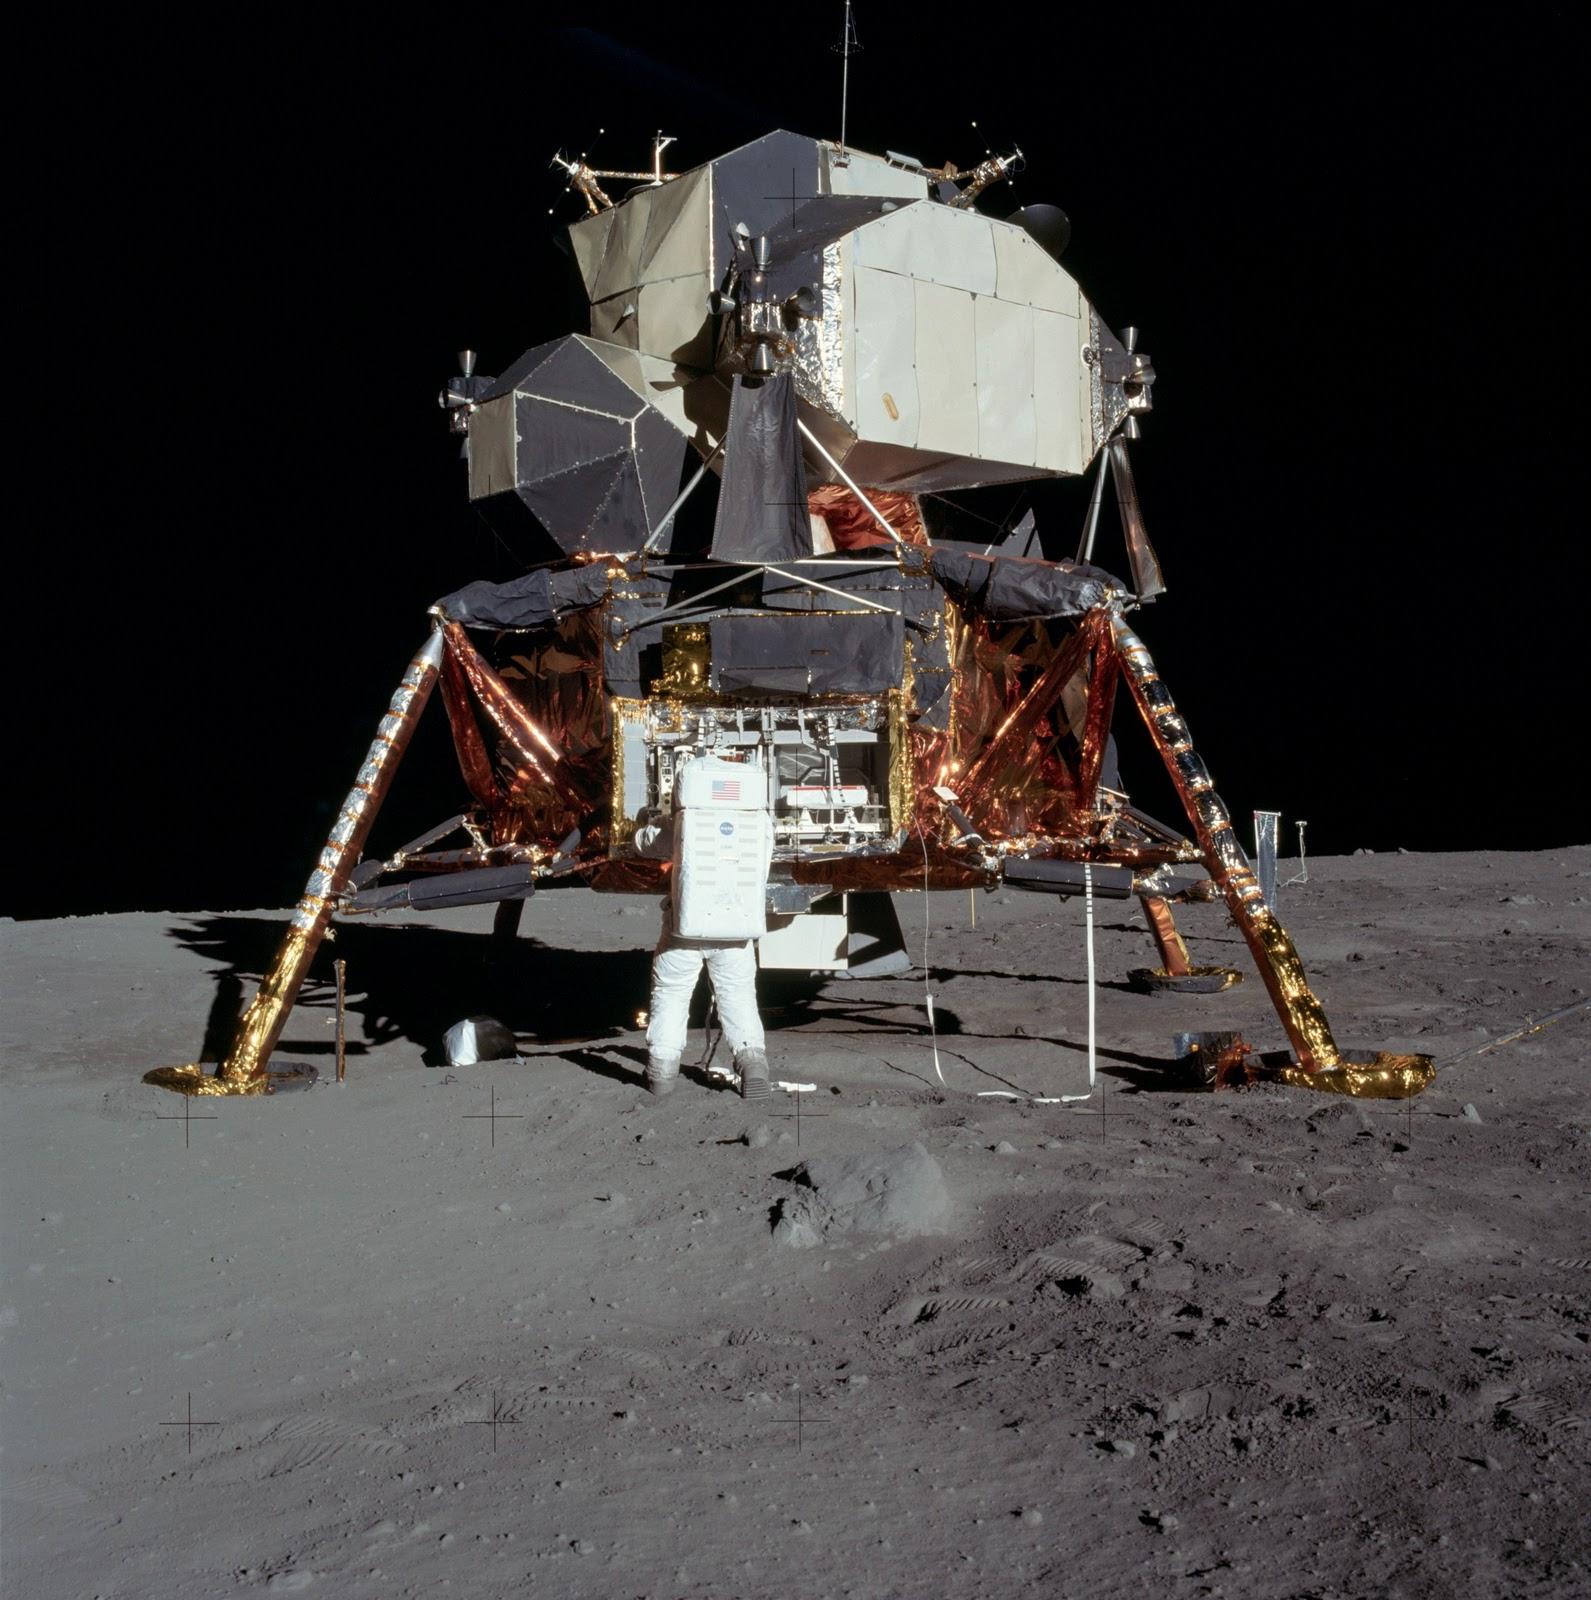 Sigues creyendo que el Viaje a la Luna fue falso?